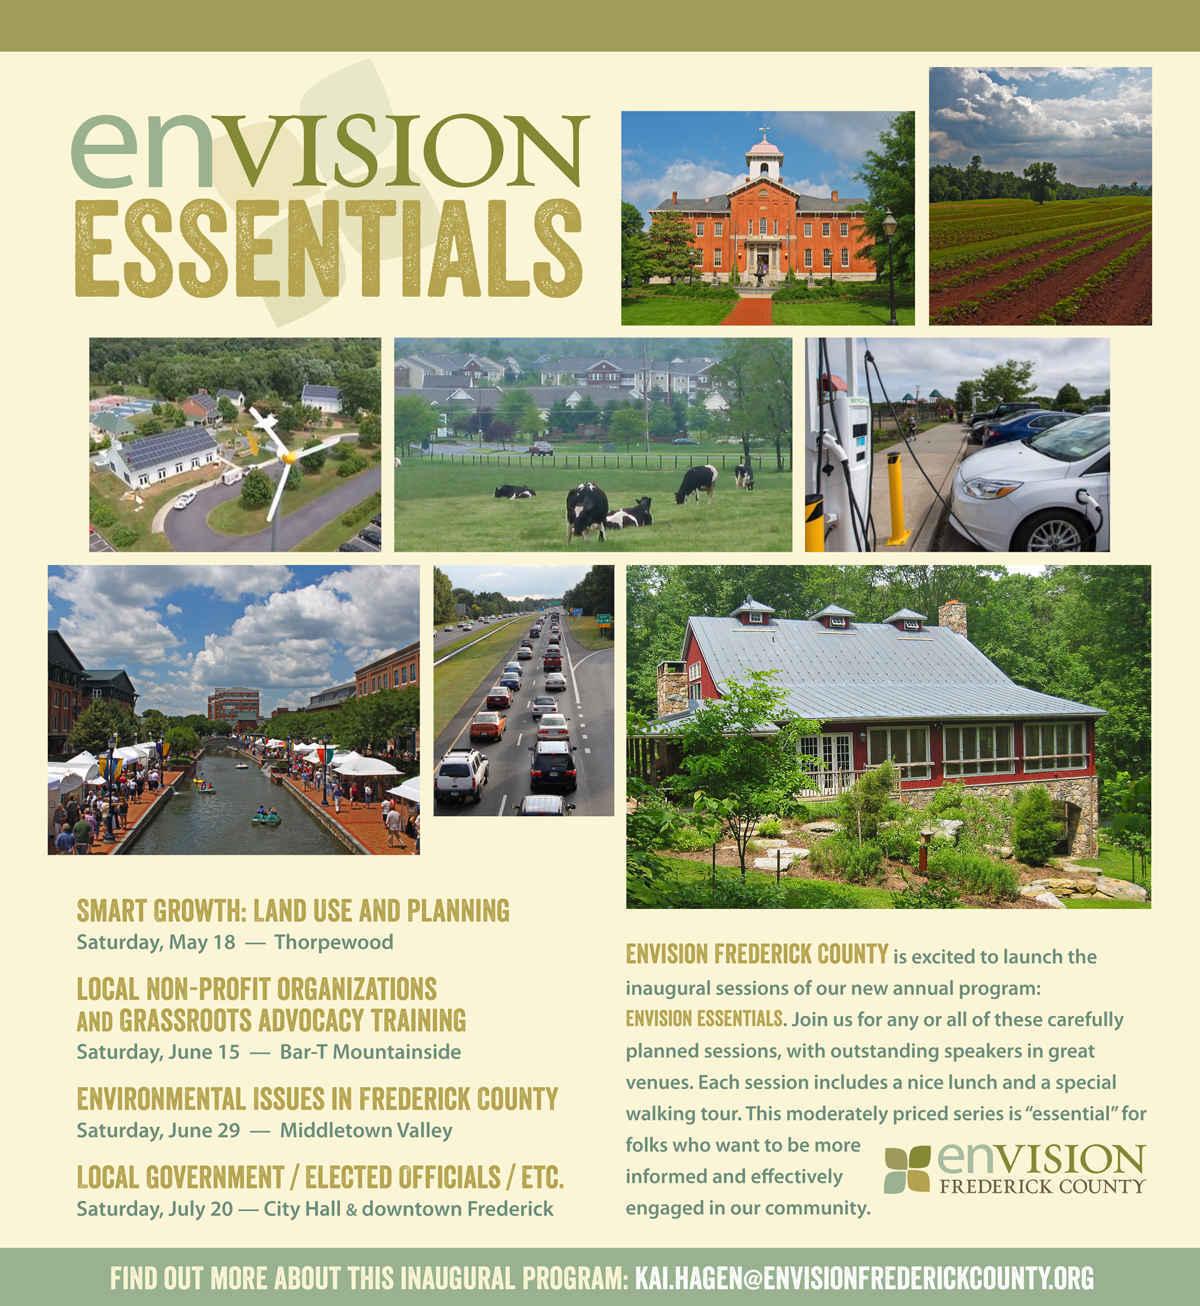 Envision Essentials Sponsorship image